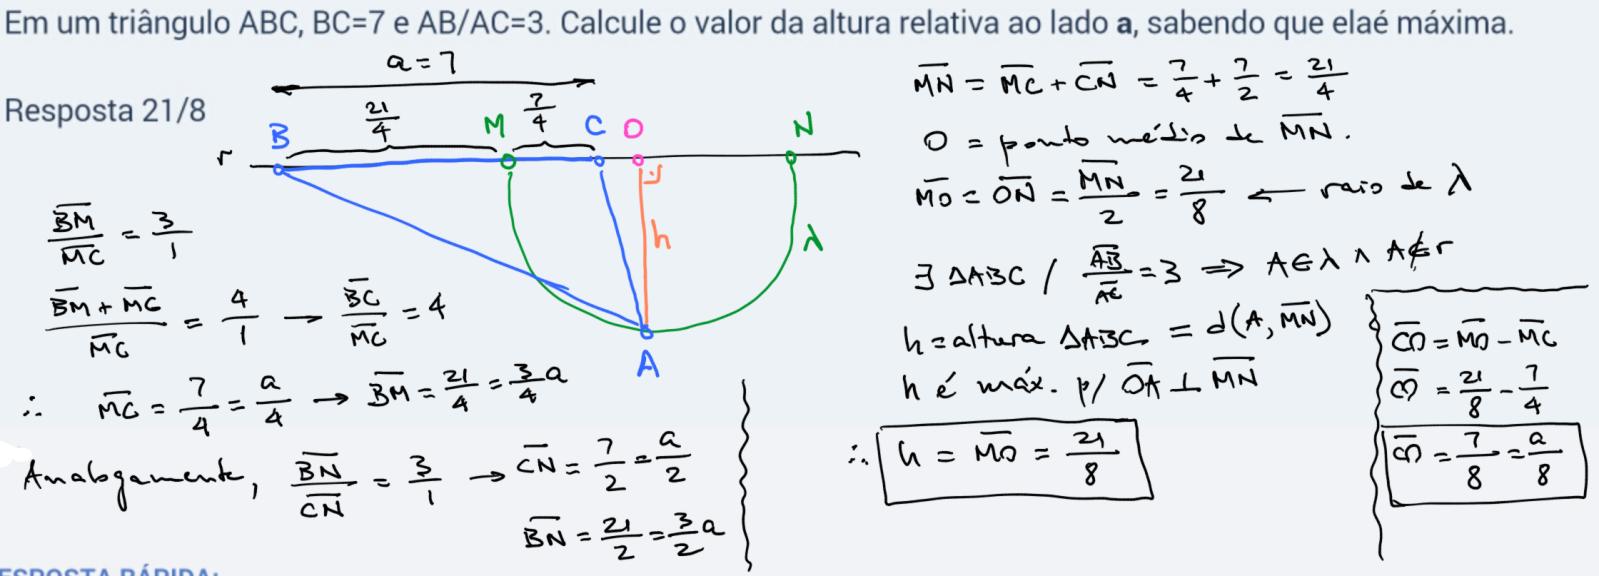 Círculos de Apolonio 4g0mrn